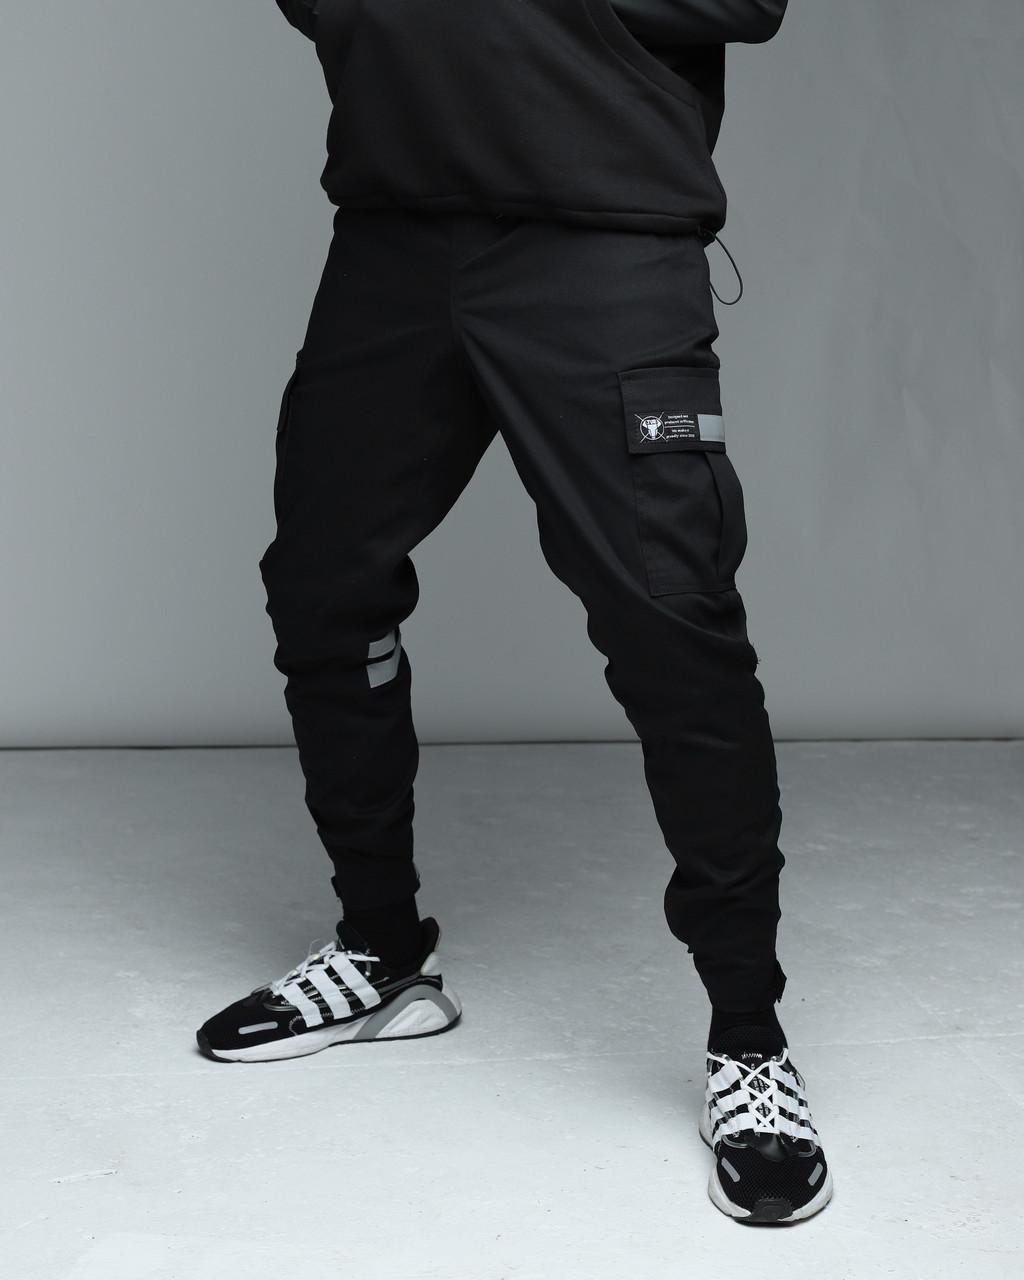 Зимние штаны карго на флисе мужские черные бренд ТУР модель Райот (Raiot) размер: S, M, L, XL, XXL